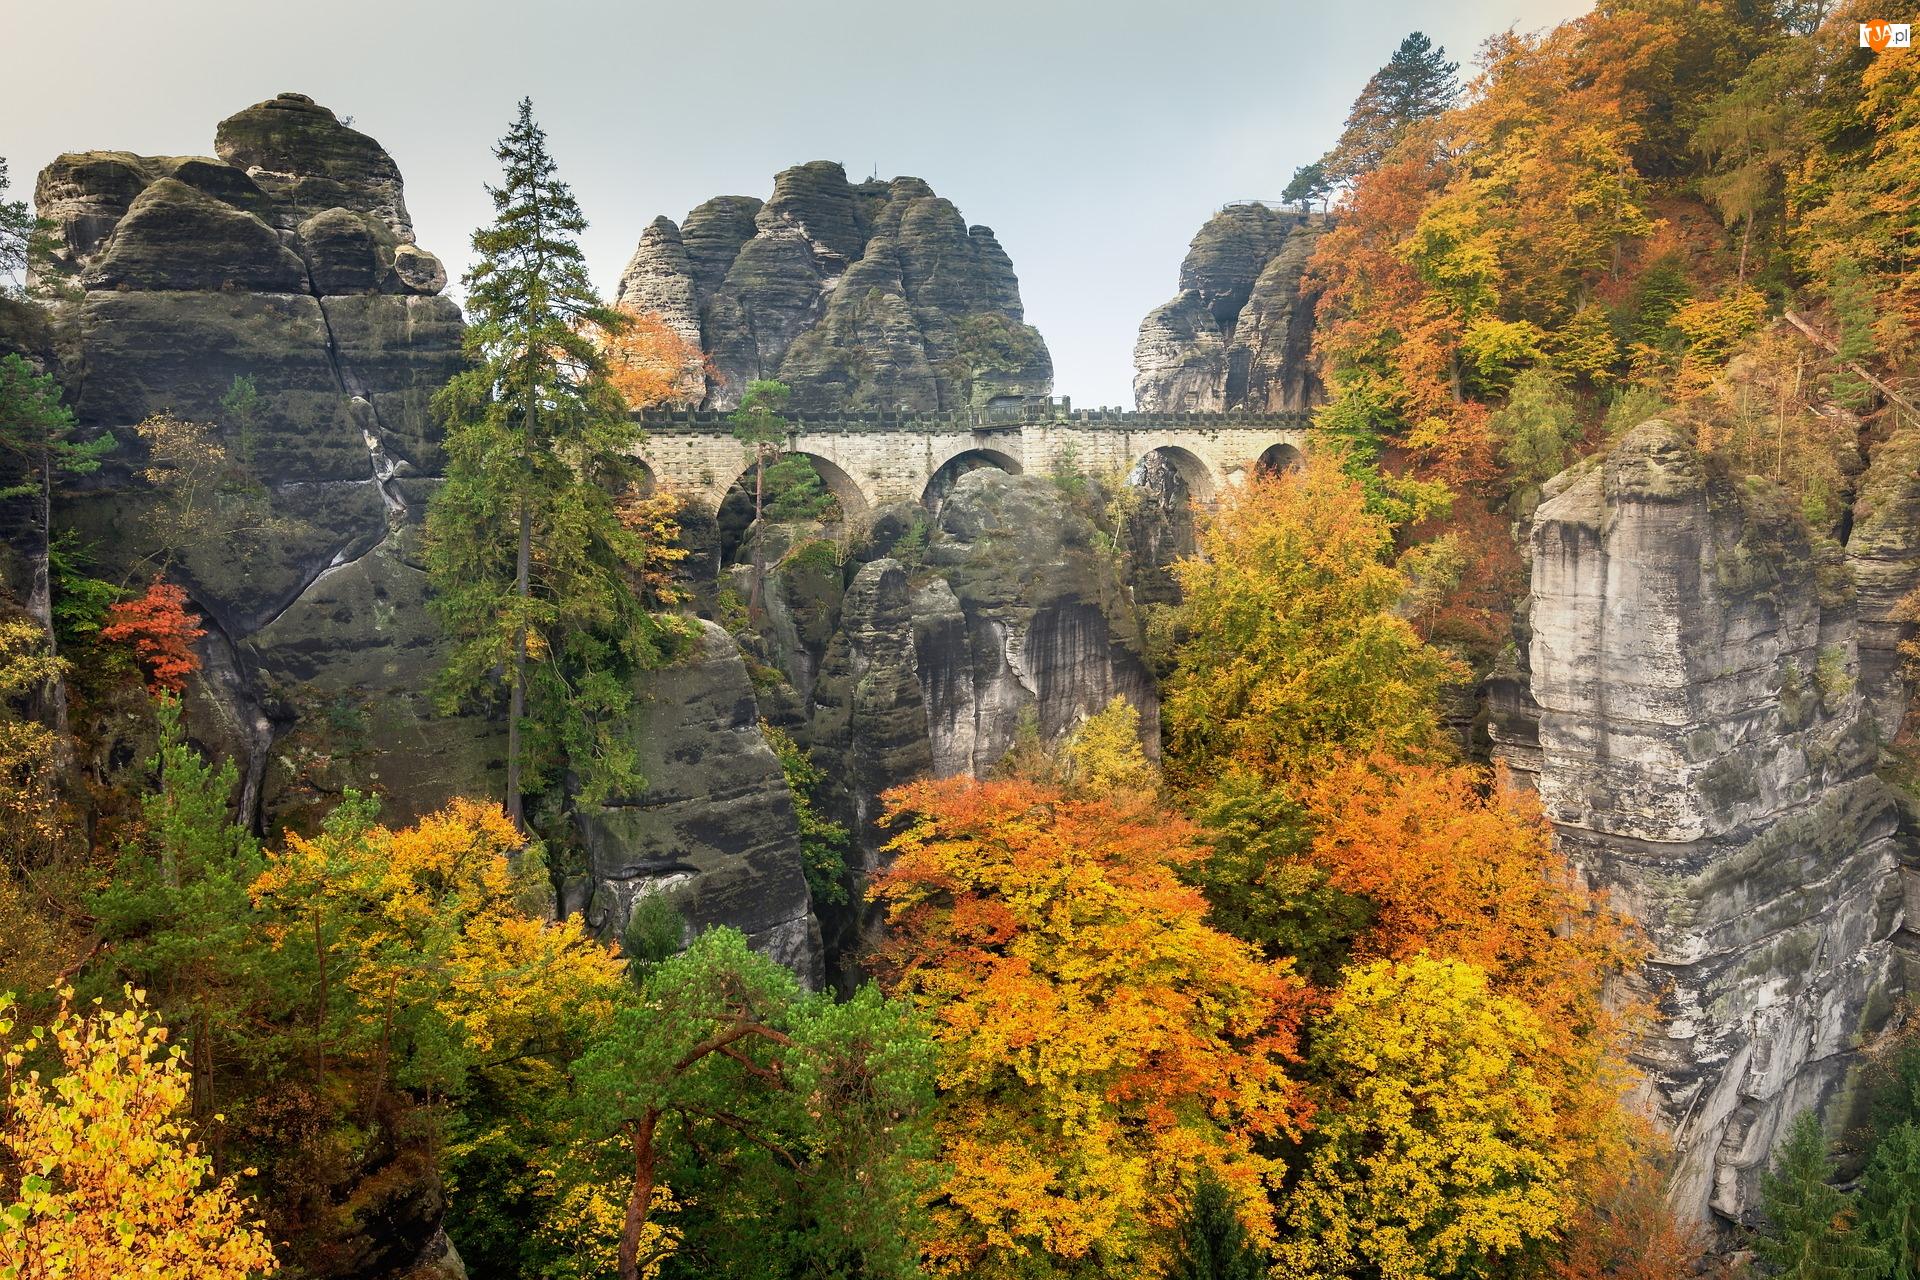 Niemcy, Góry Połabskie, Park Narodowy Saskiej Szwajcarii, Formacja skalna, Bastei, Drzewa, Most, Jesień, Skały